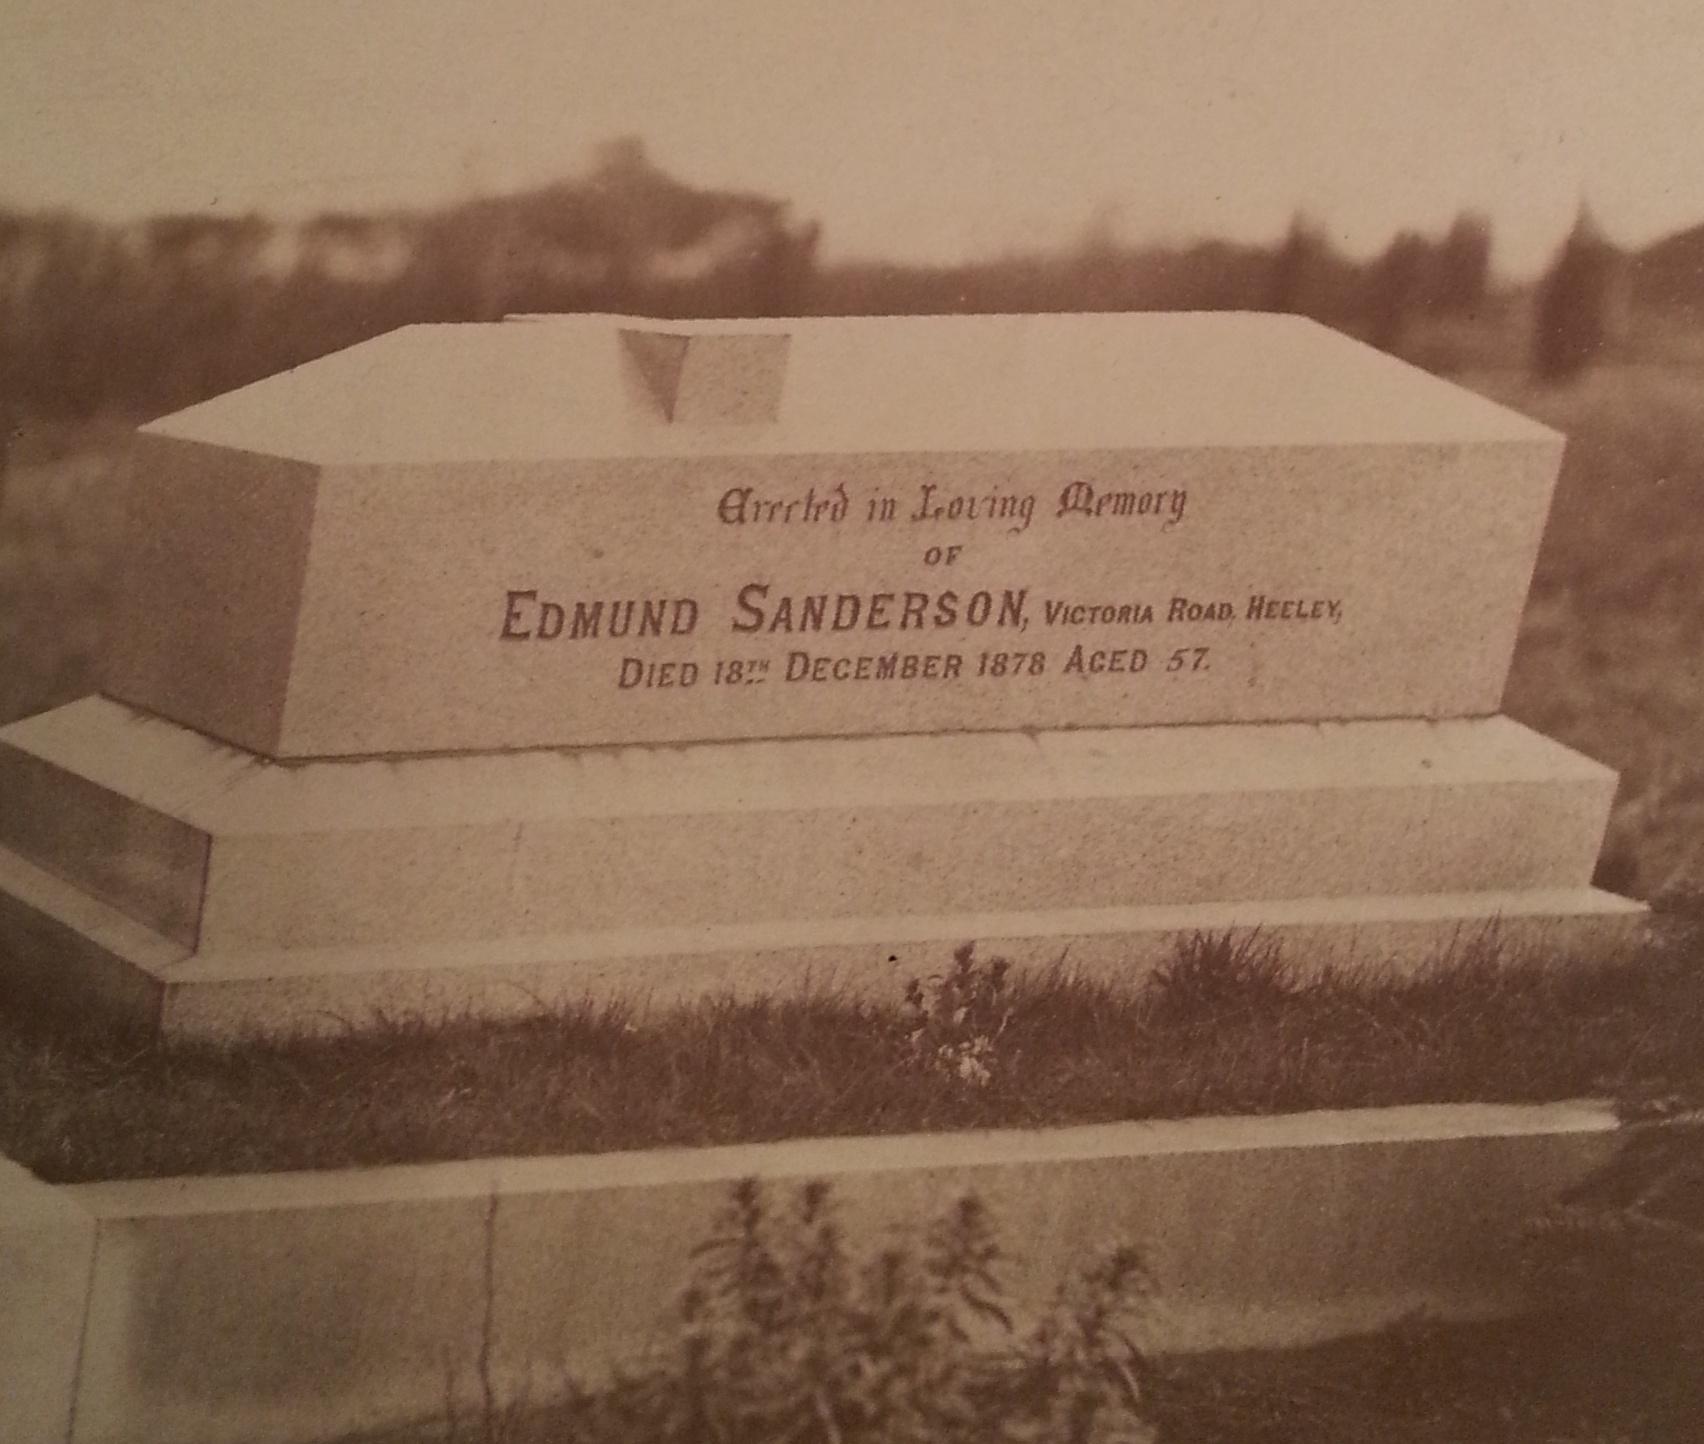 Edmund Sanderson